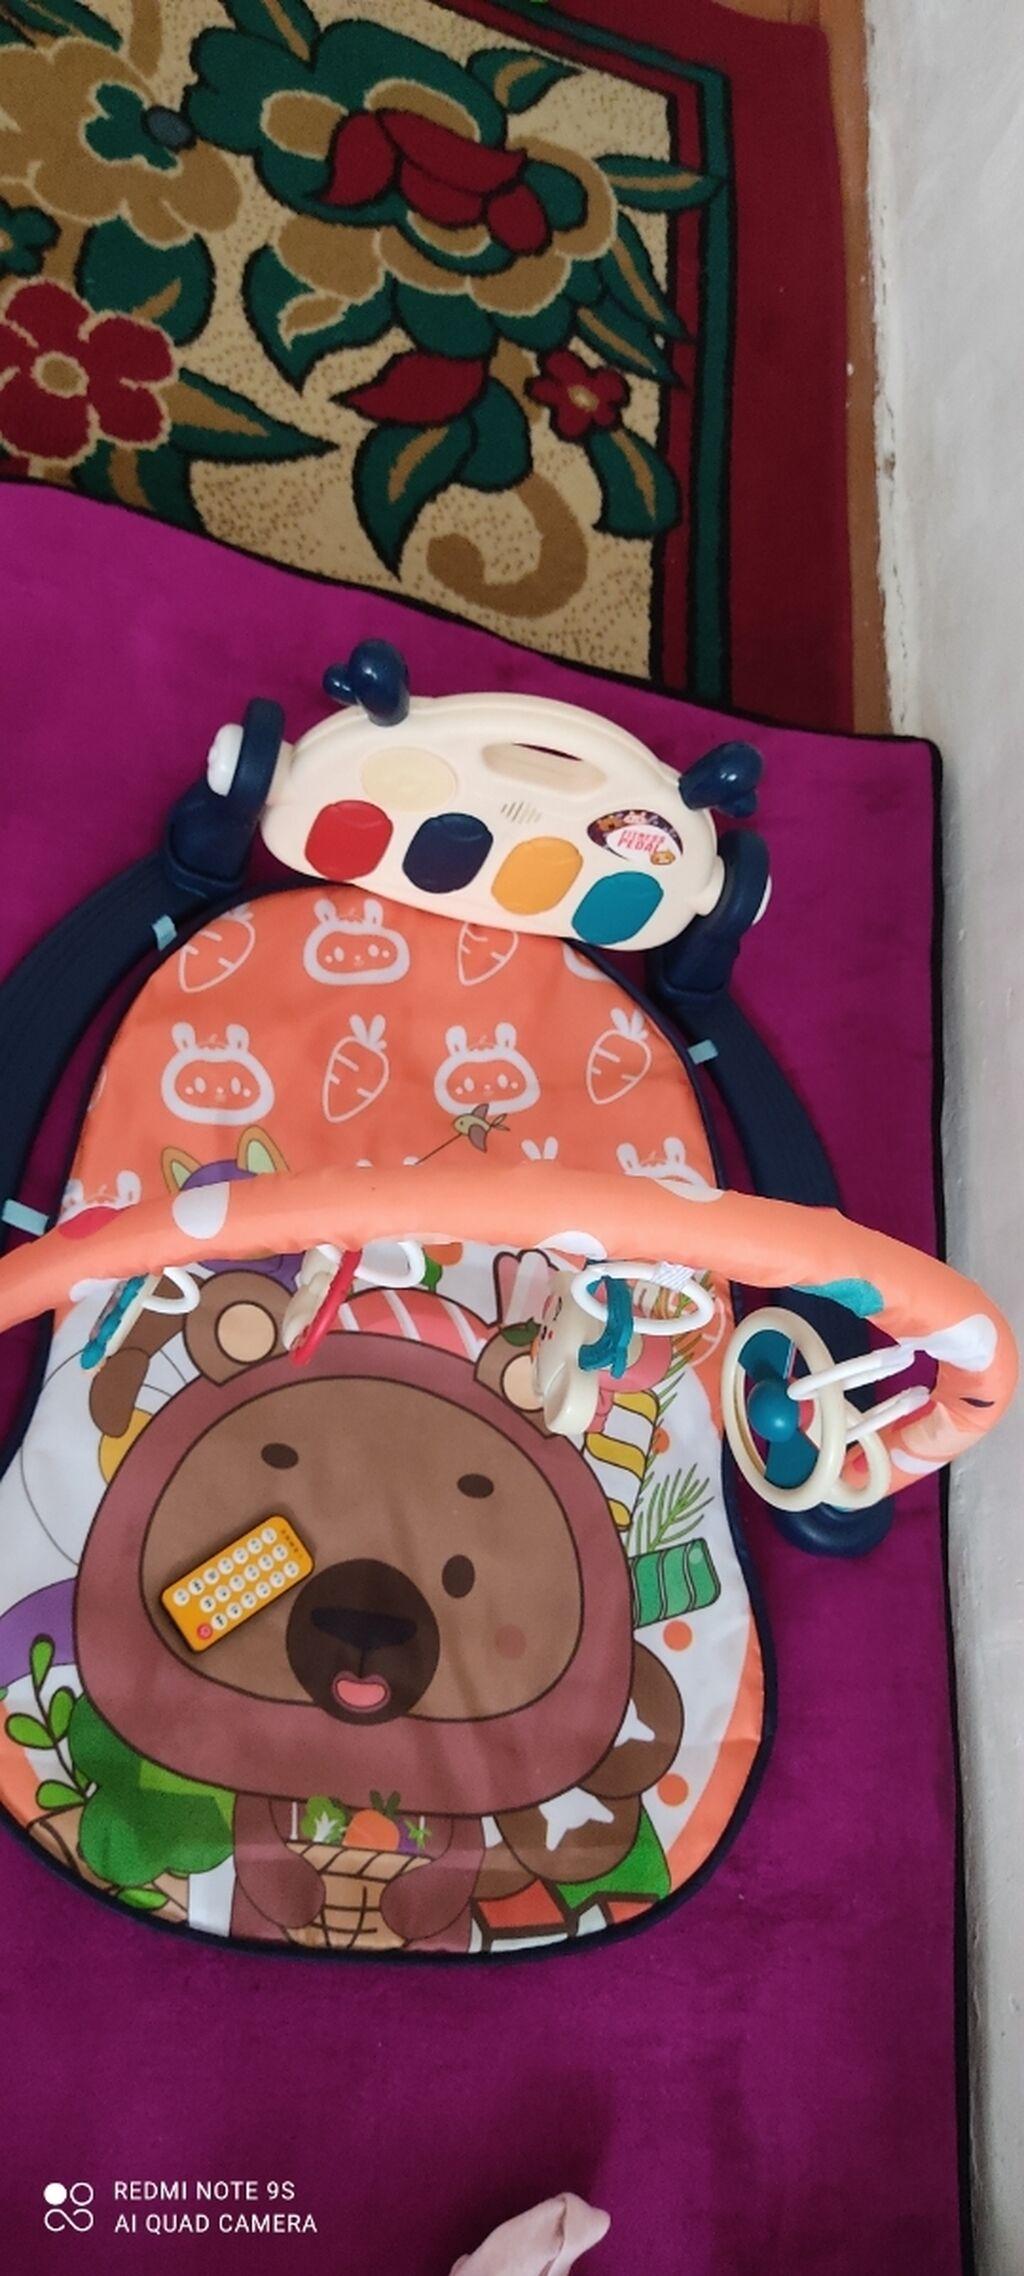 Продаю обсолютно новый коврик ребенок лежал один раз по размеру не: Продаю обсолютно новый коврик , ребенок лежал один раз по размеру не